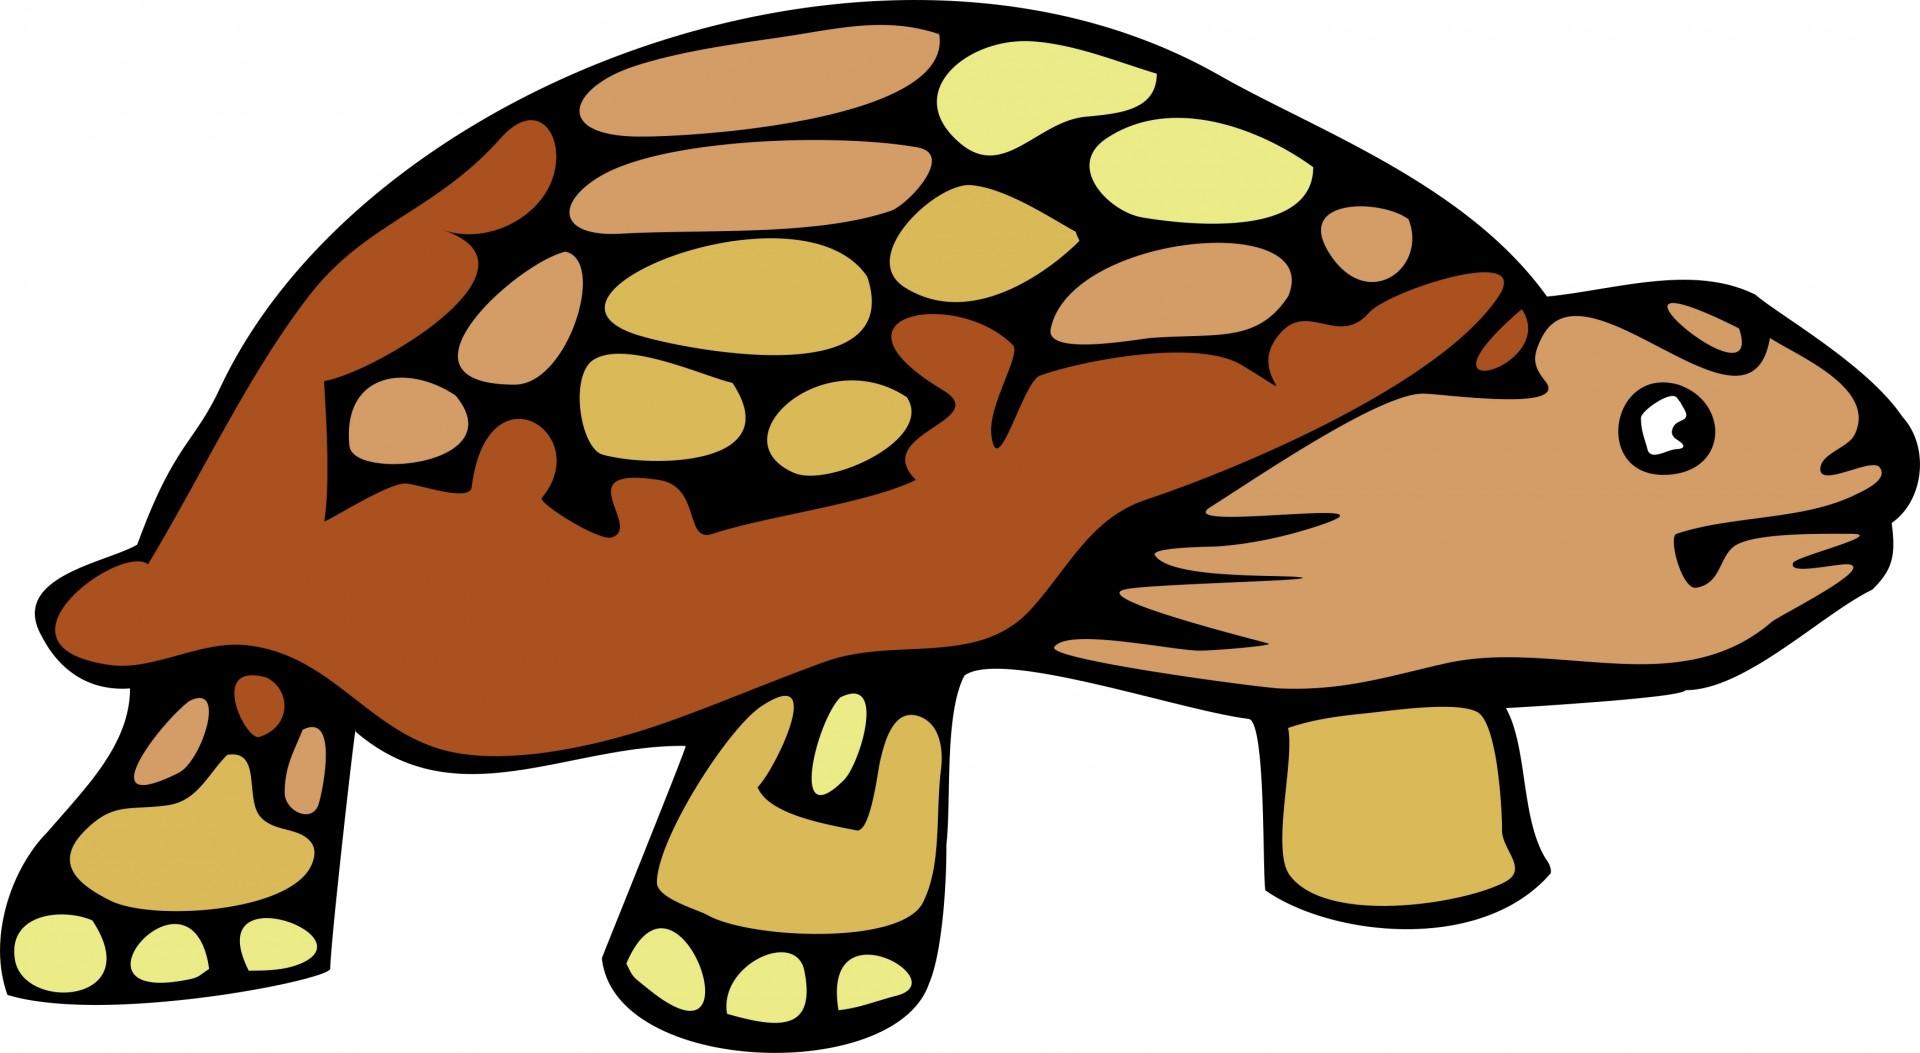 Clipart of tortoise.